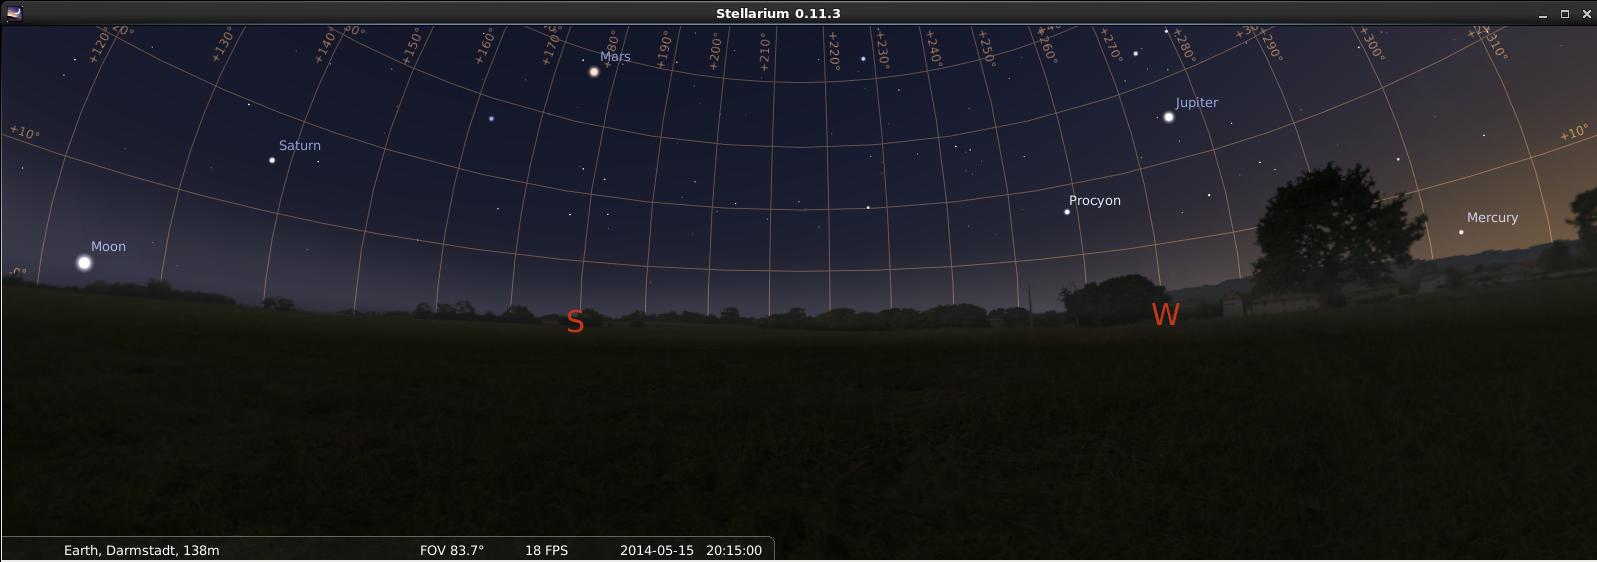 Planetenkette entlang der Ekliptik vom aufgehenden Mond bis zum untergehenden Merkur, simuliert für den Standort Darmstadt und den 15.5.2014 um 20:15 GMT, also 22:15 MEZ.